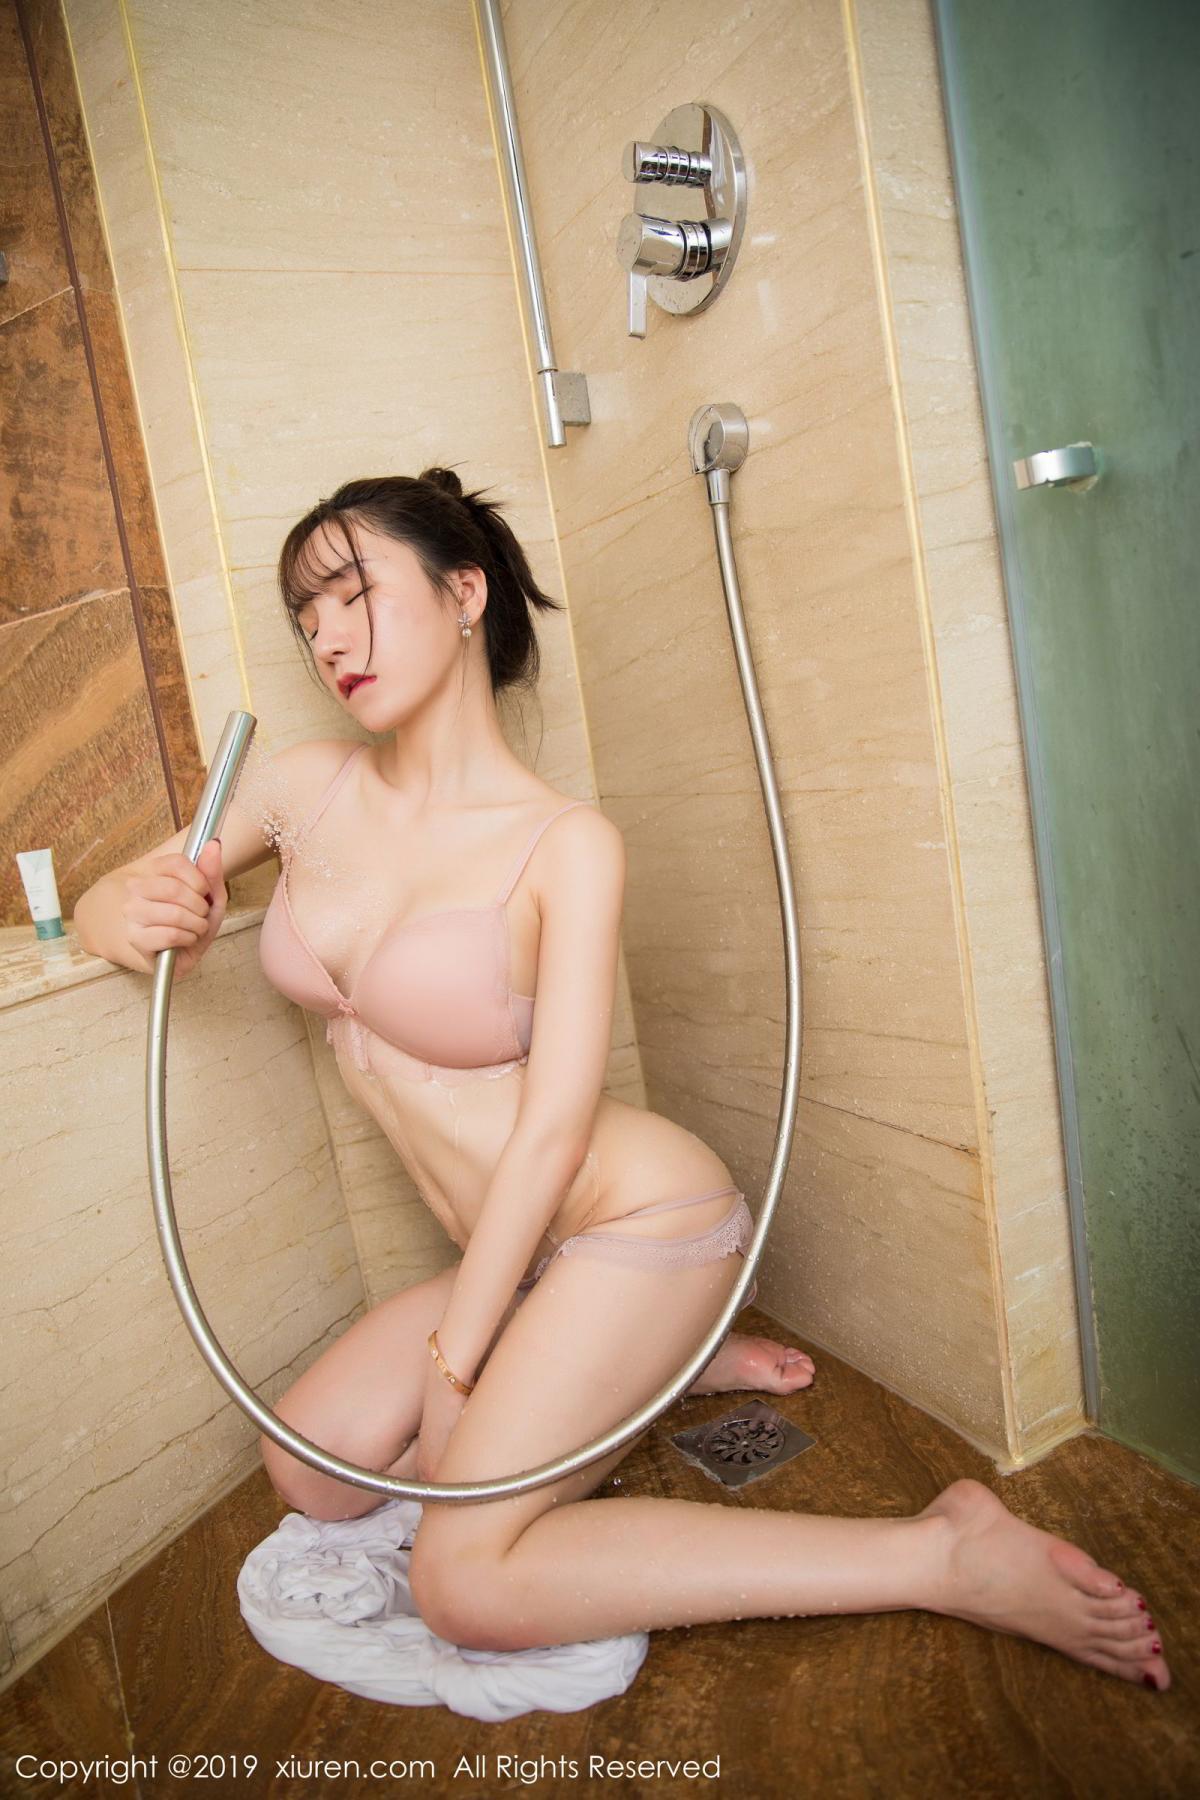 [XiuRen] Vol.1656 Zhou Yu Xi 5P, Bathroom, Underwear, Wet, Xiuren, Zhou Yu Xi